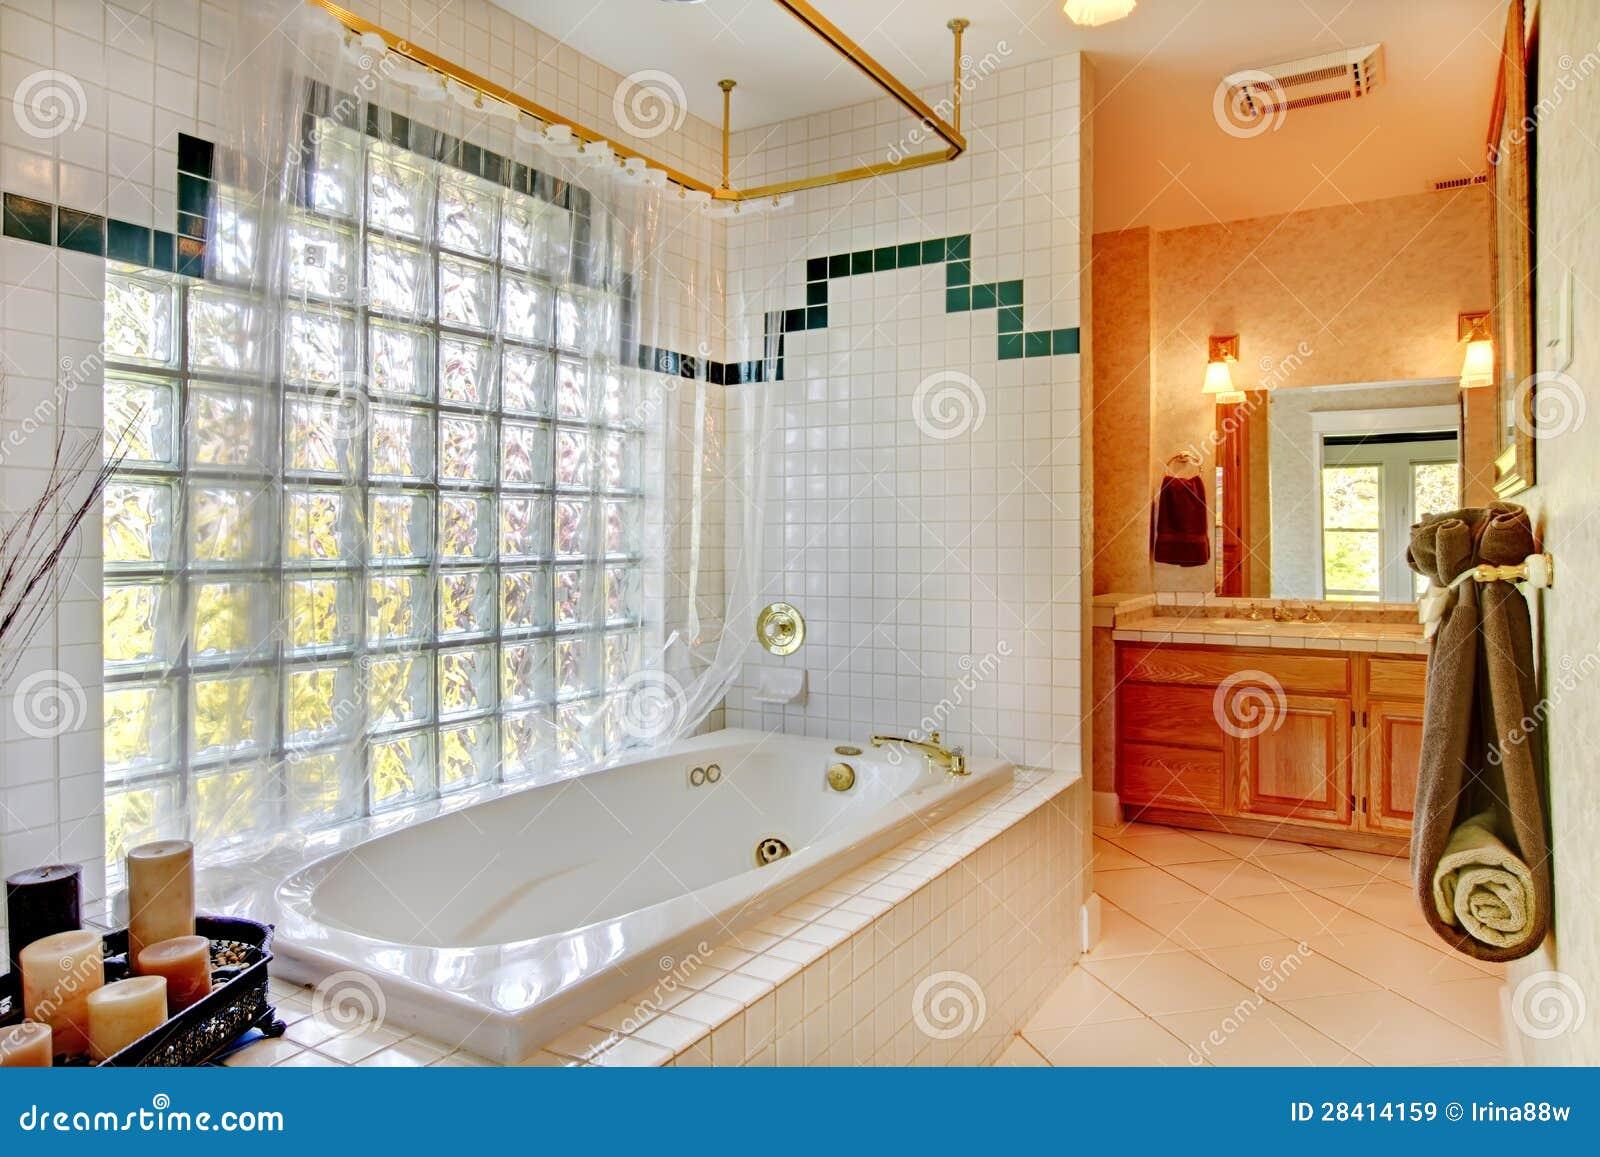 Salle de bains avec le mur de verre et le baquet images - Mur de verre salle de bain ...